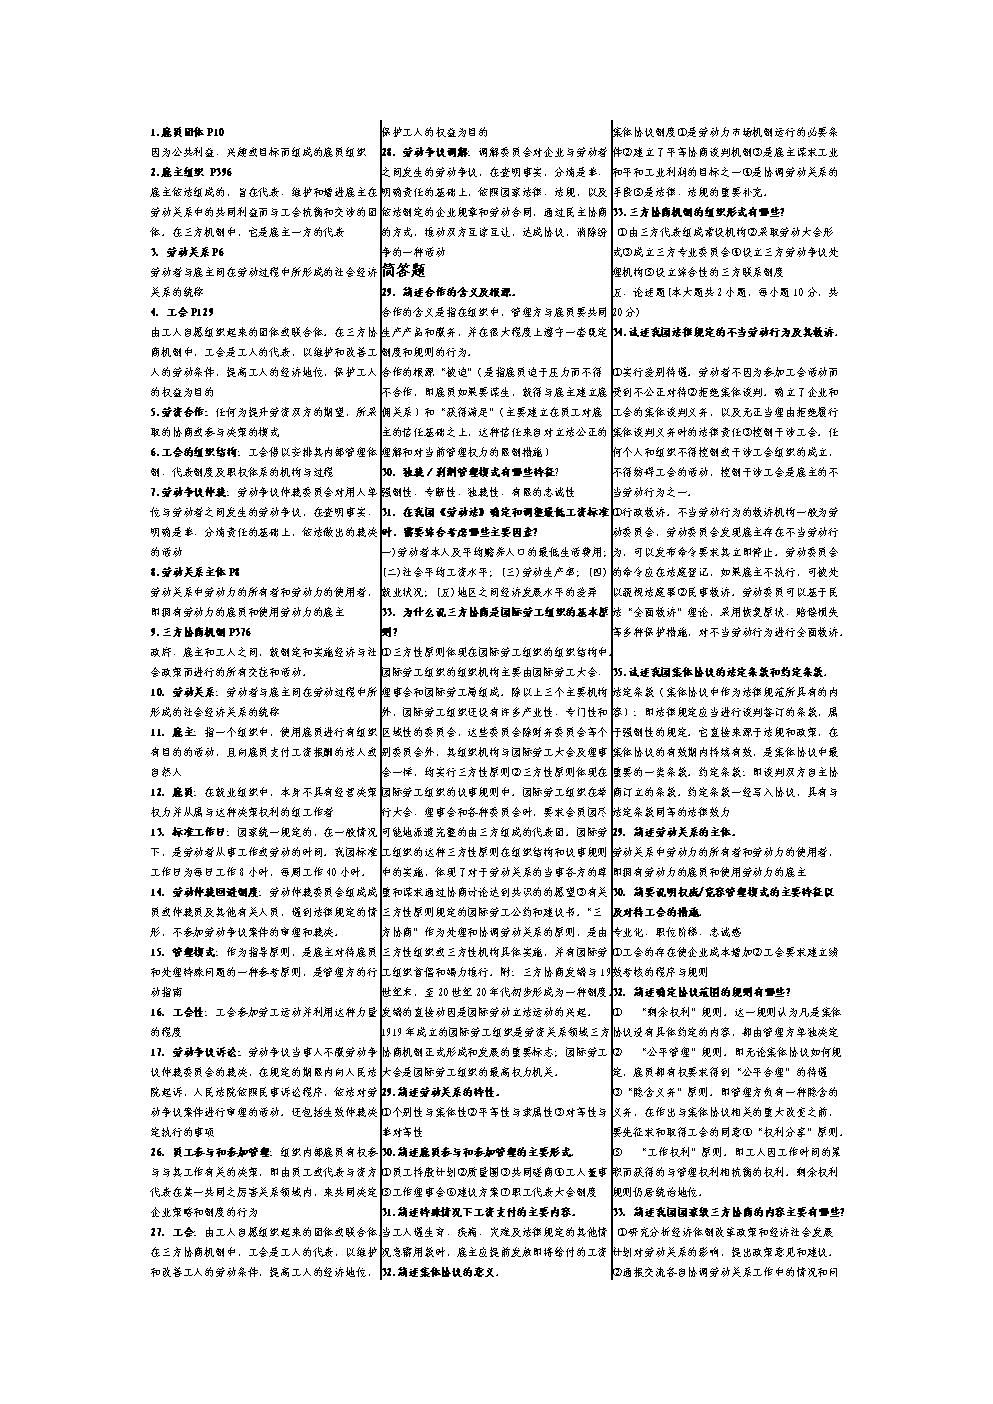 劳动关系学大题小抄完成版.doc